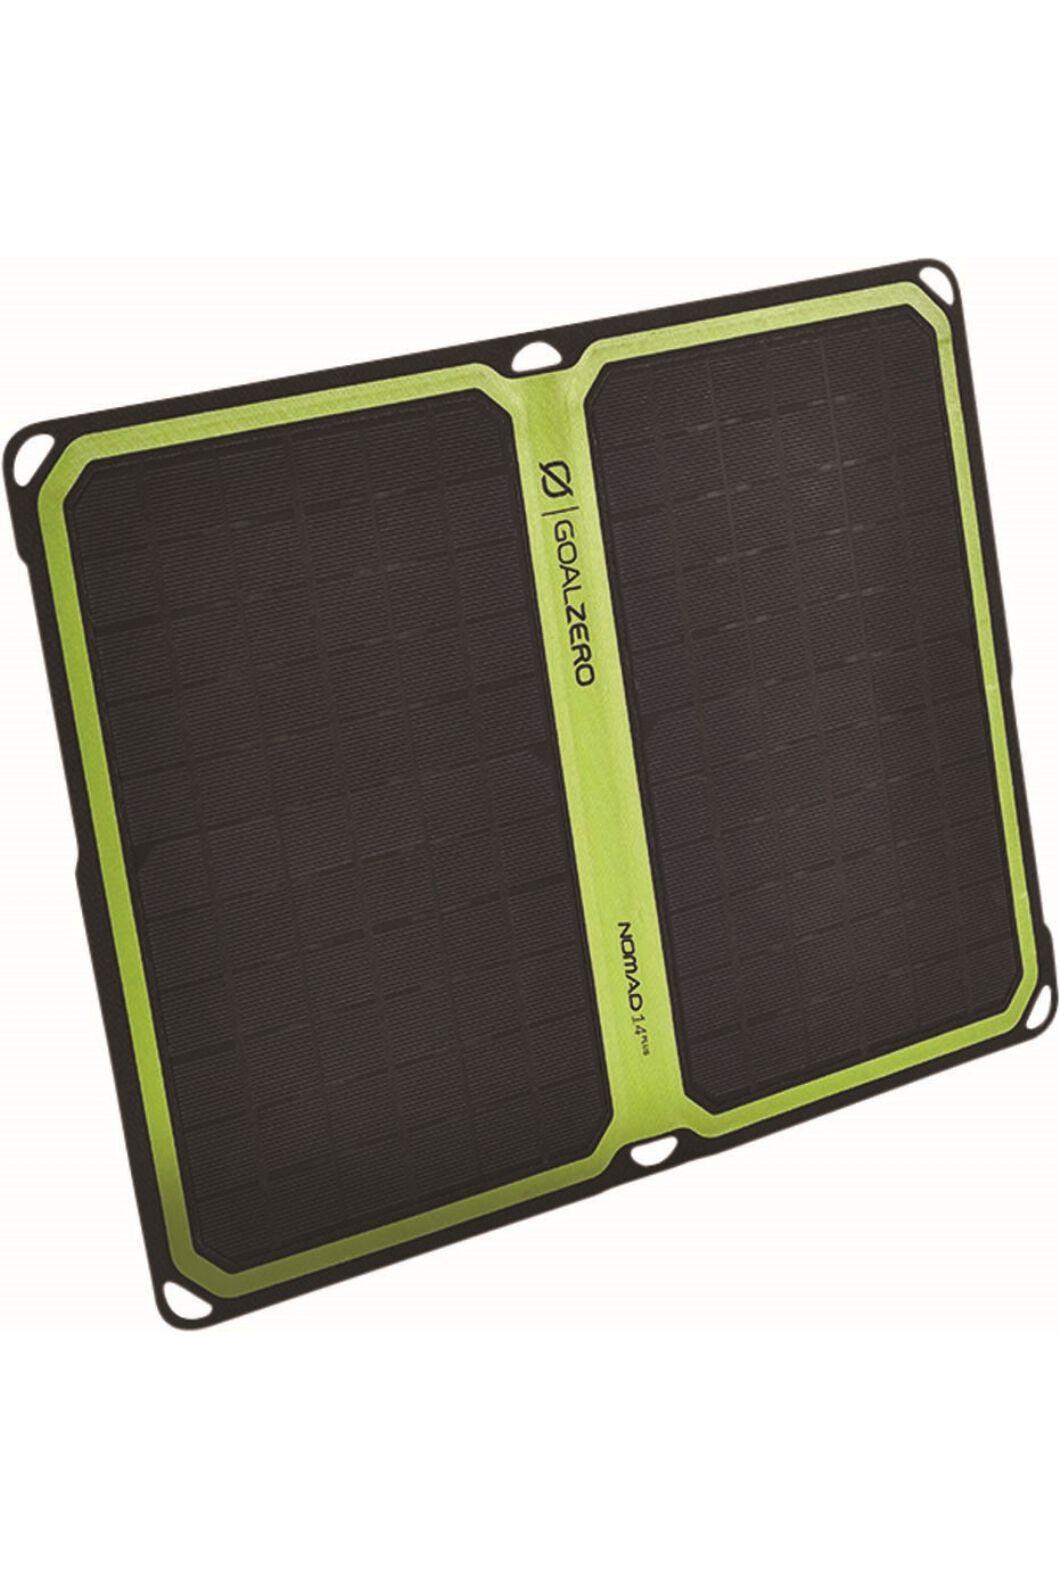 Goal Zero Nomad 14 Plus Solar Panel, None, hi-res